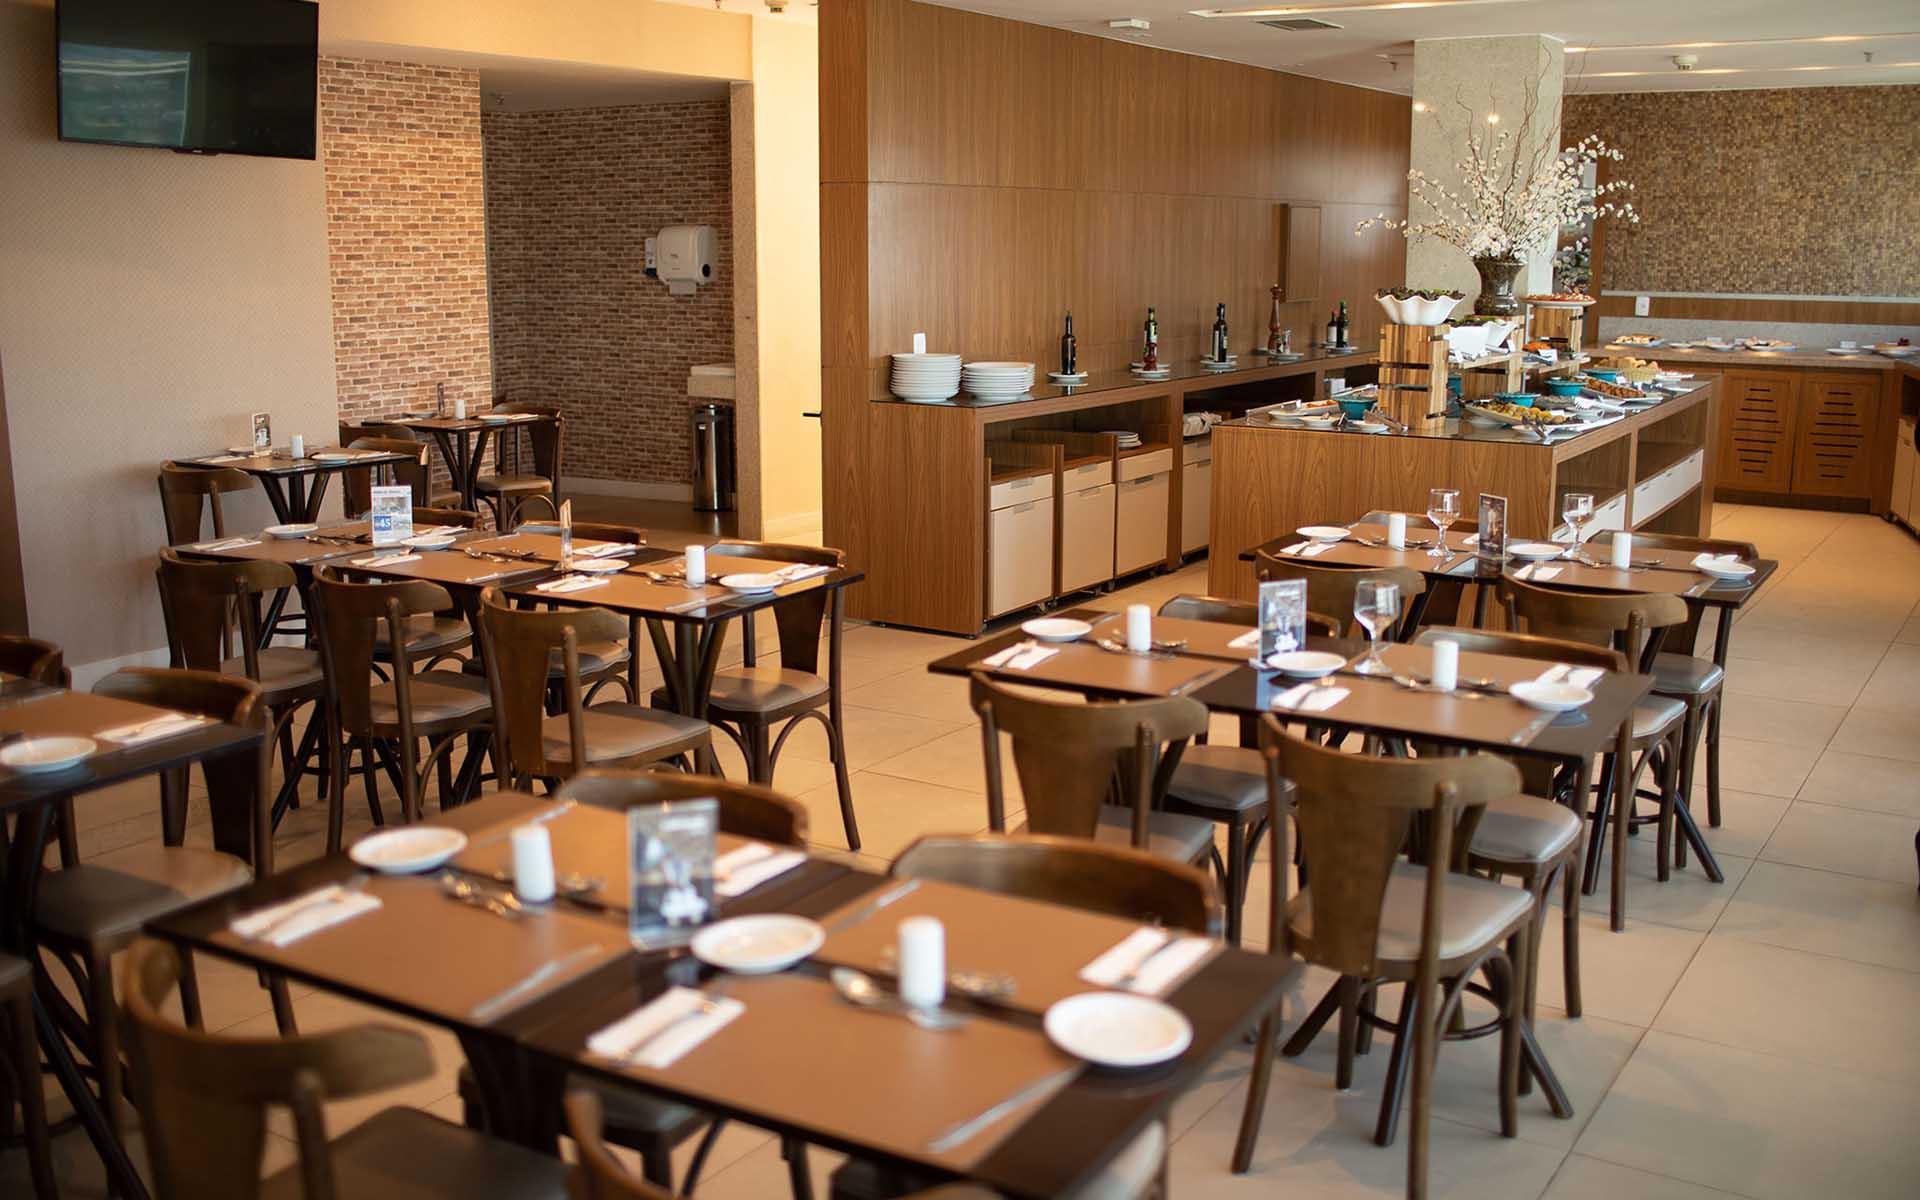 restaurante e café da manhã do hotel fusion hplus em brasilia